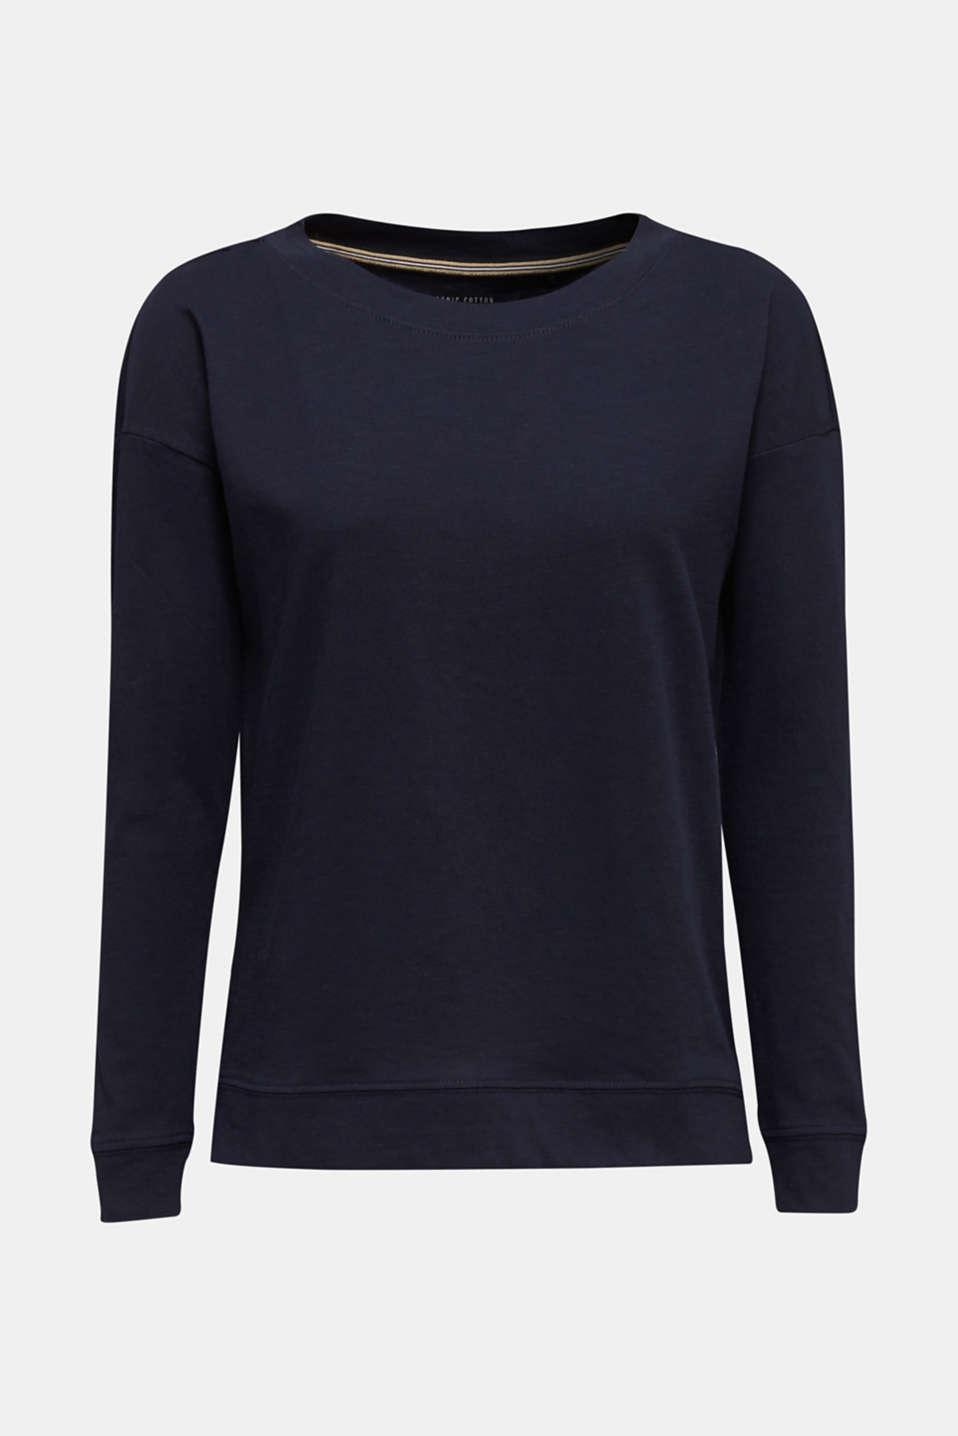 Slub sweatshirt made of 100% organic cotton, NAVY, detail image number 6